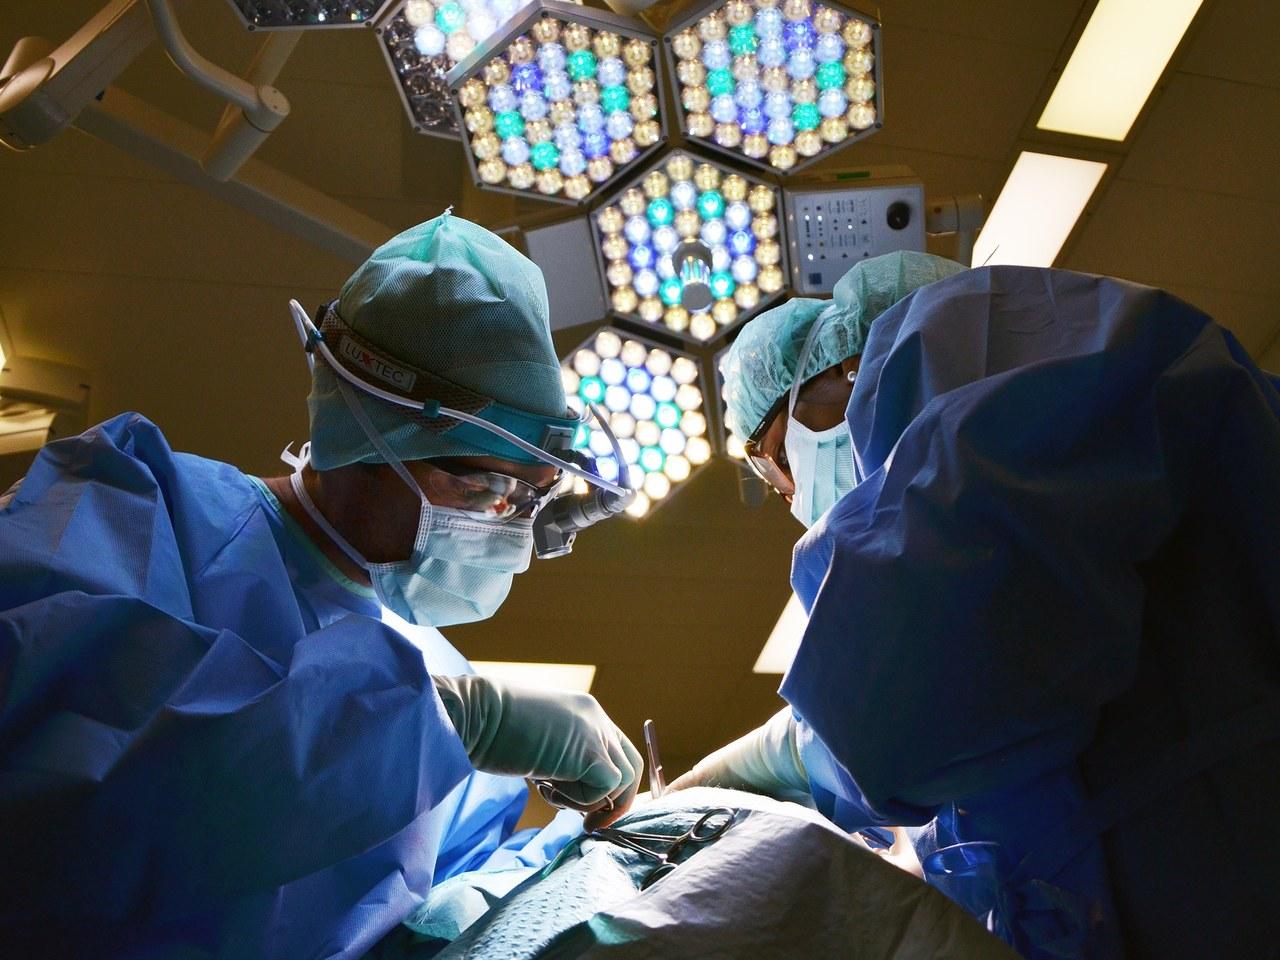 Dzień Transplantacji. Jak wygląda pobranie szpiku od dawcy?